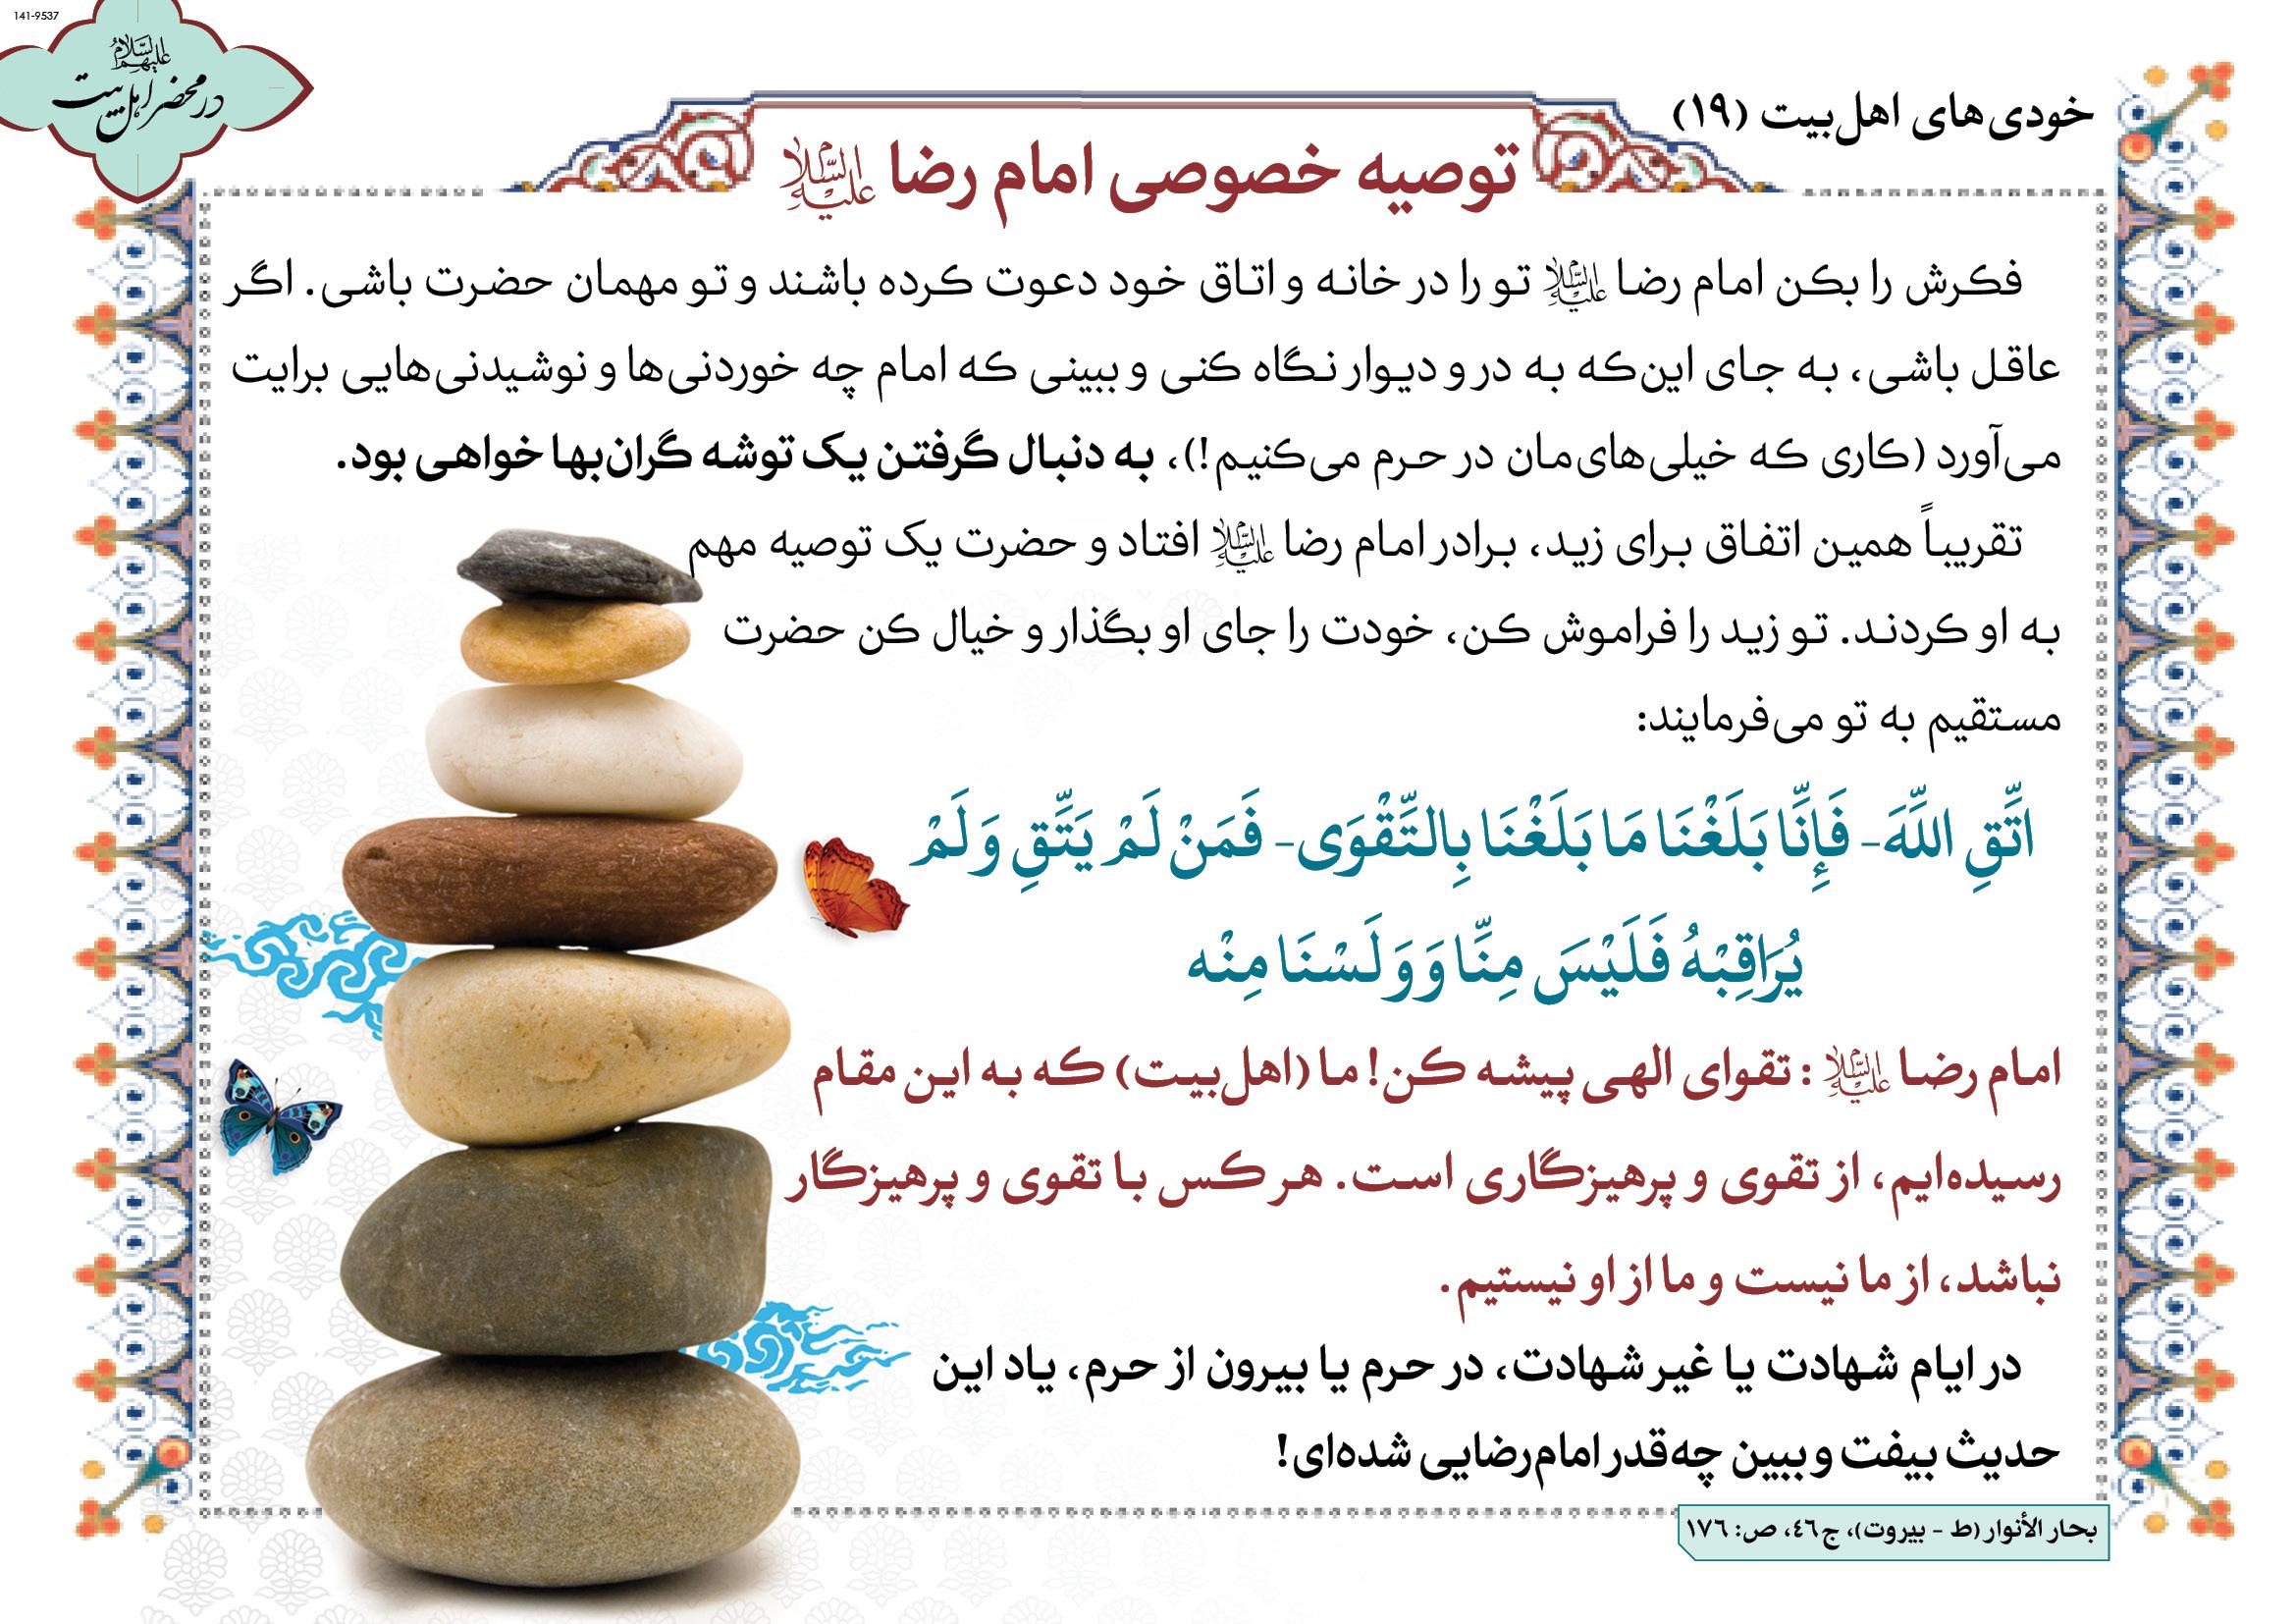 توصیه خصوصی امام رضا